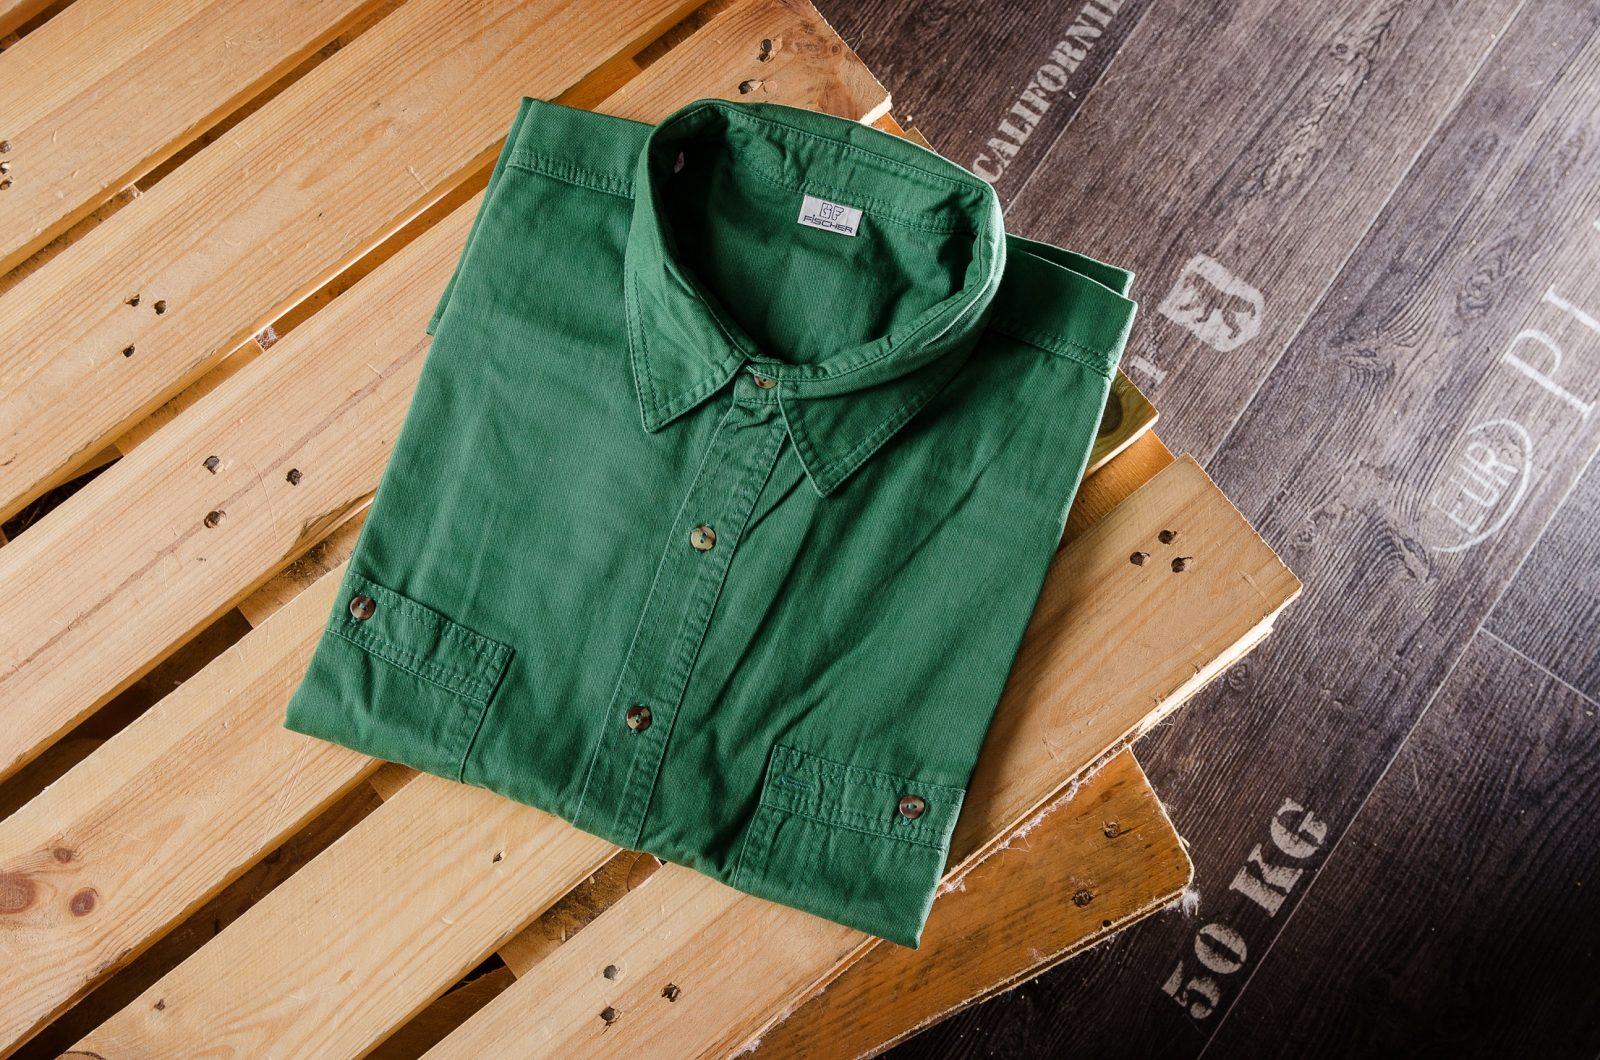 Grünes Hemd für Männer in Übergröße